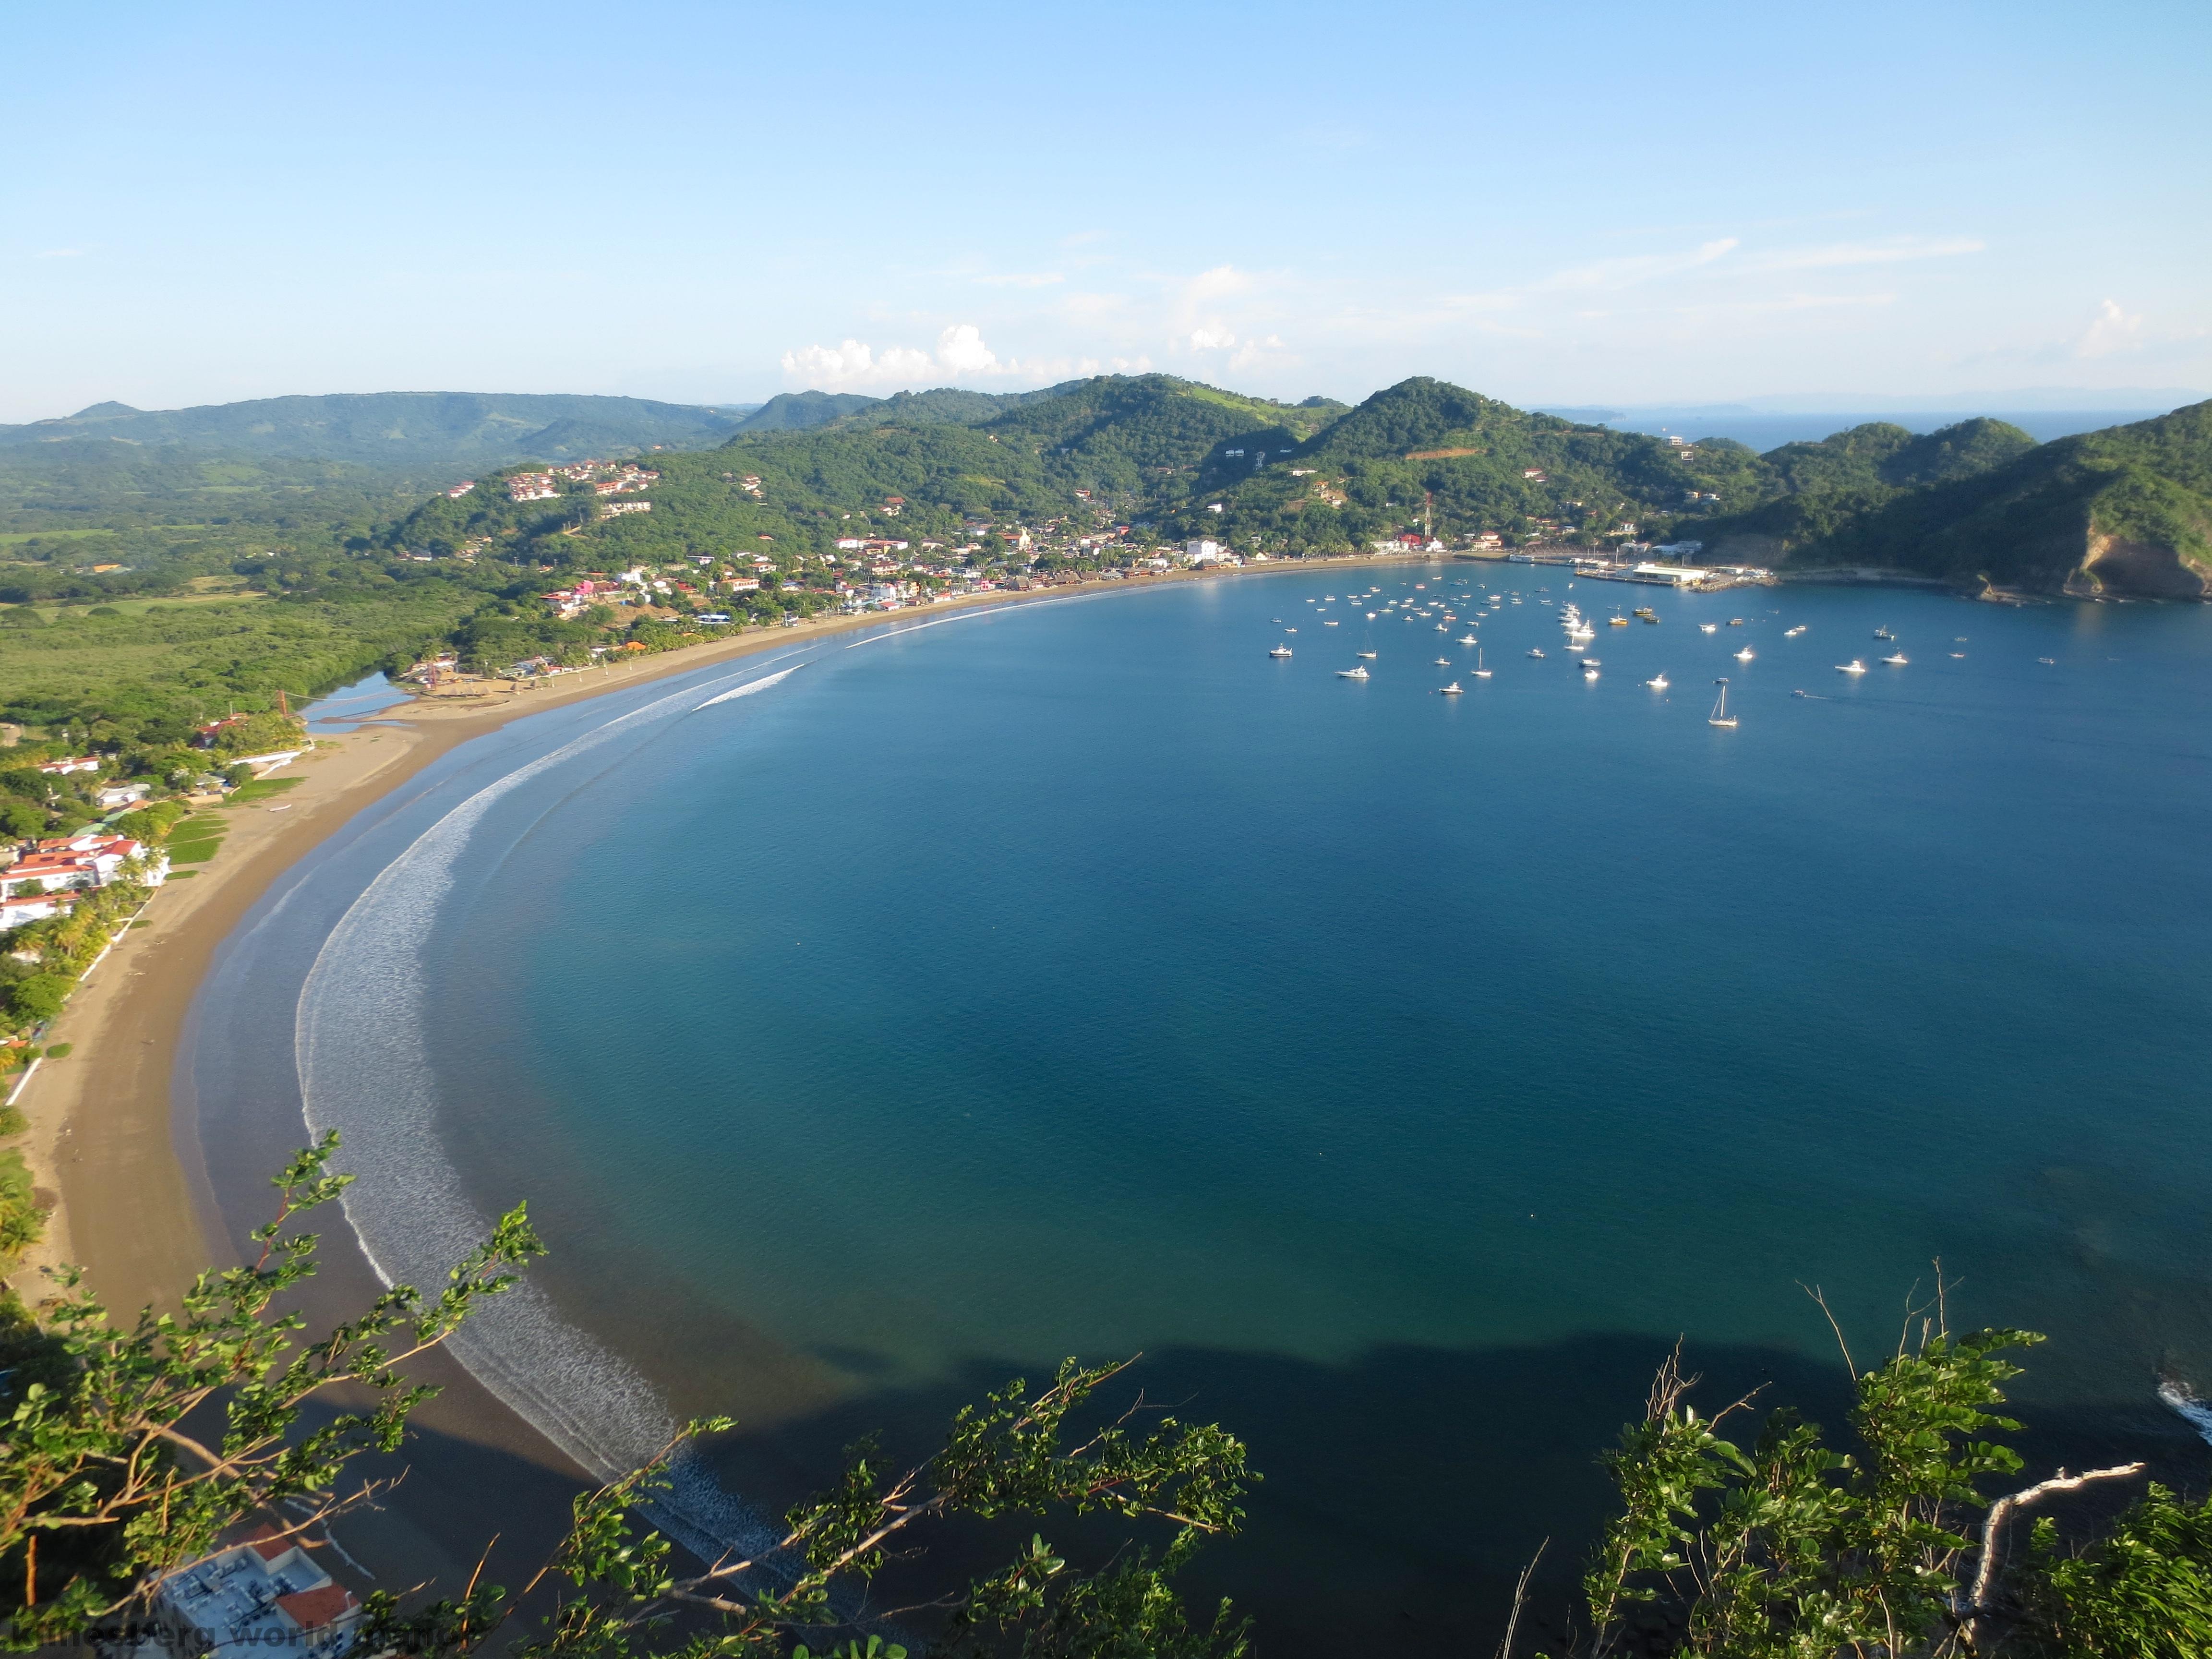 Nicaragua klinesberg world manor - Microcementos del sur ...